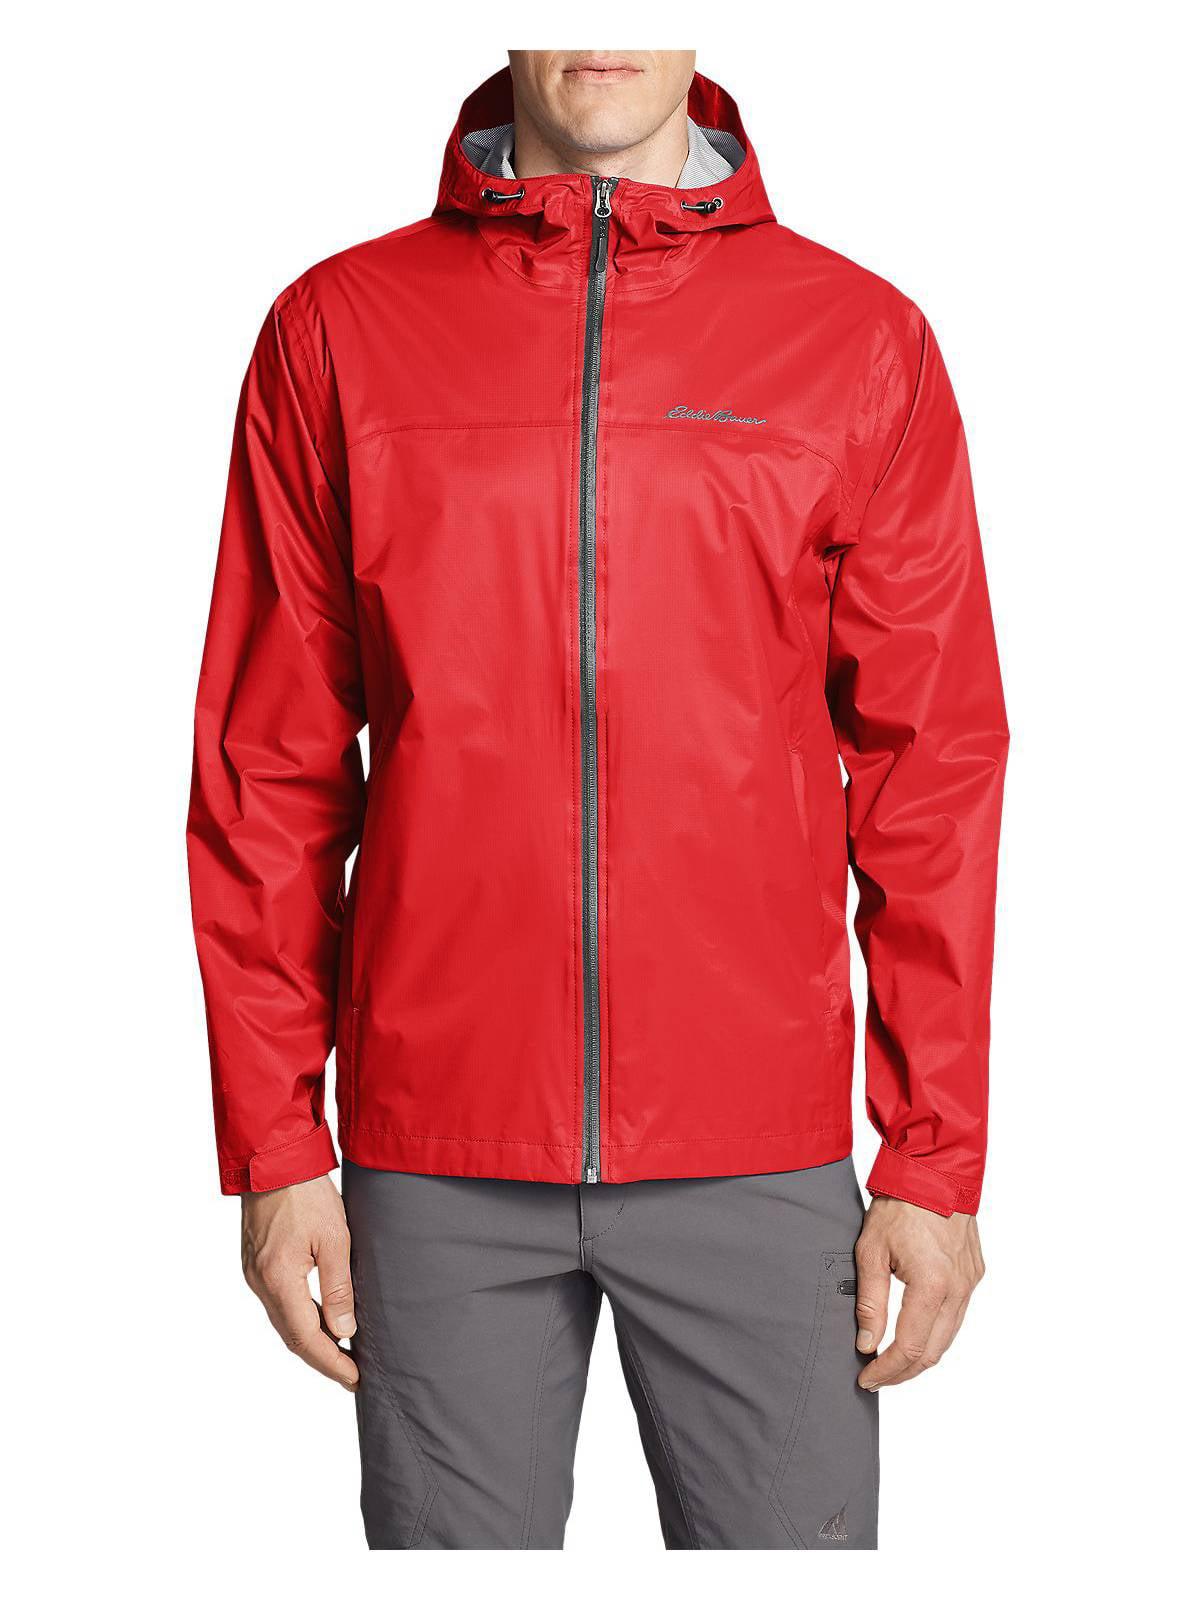 dd229a562 Eddie Bauer Men's Cloud Cap Lightweight Rain Jacket